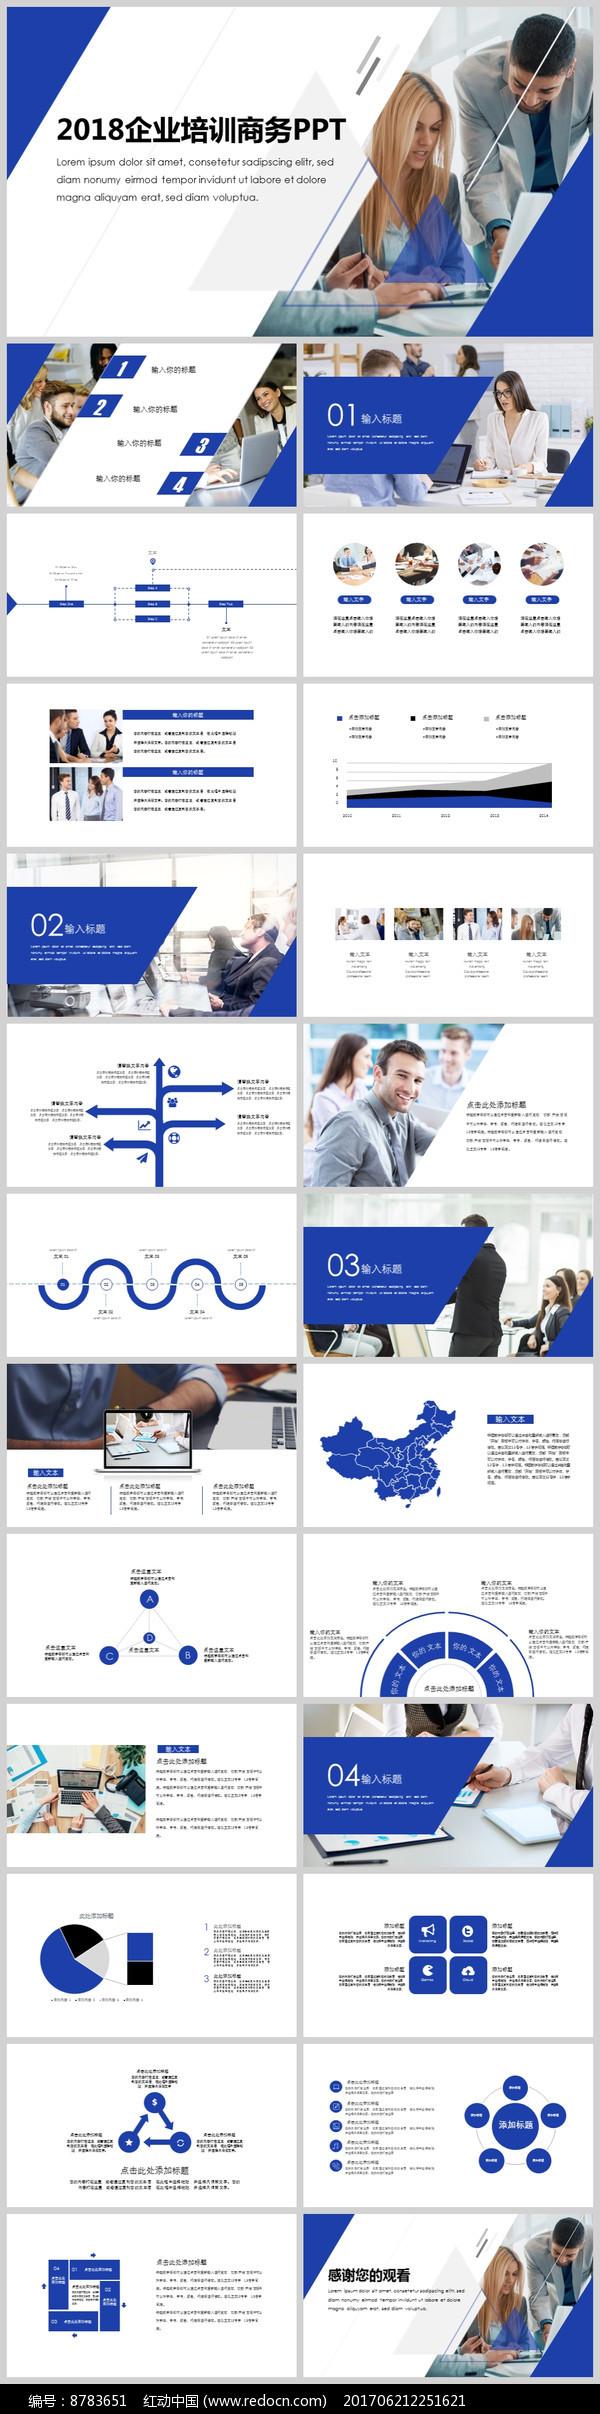 蓝色欧美风公司培训商务PPT图片